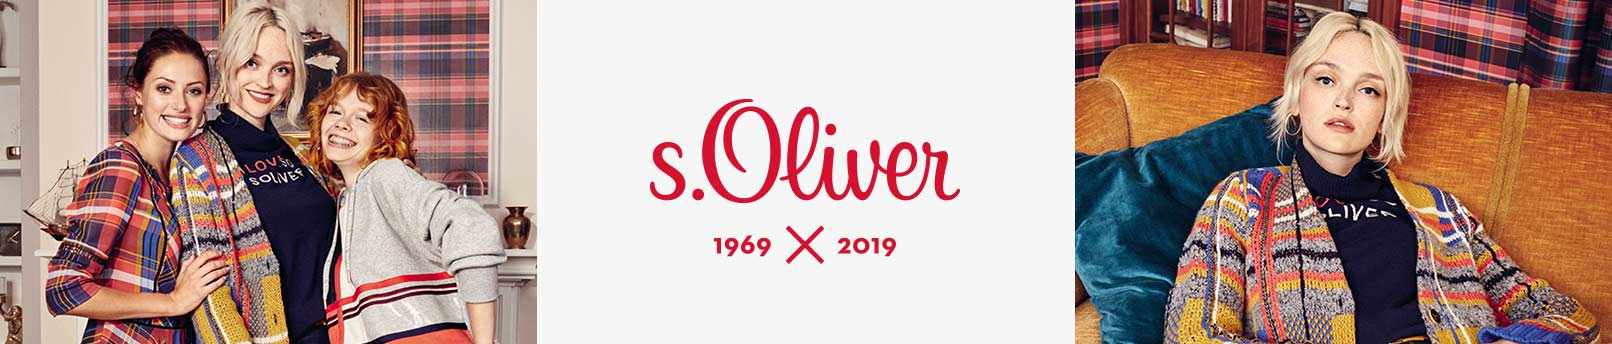 Shop s.Oliver